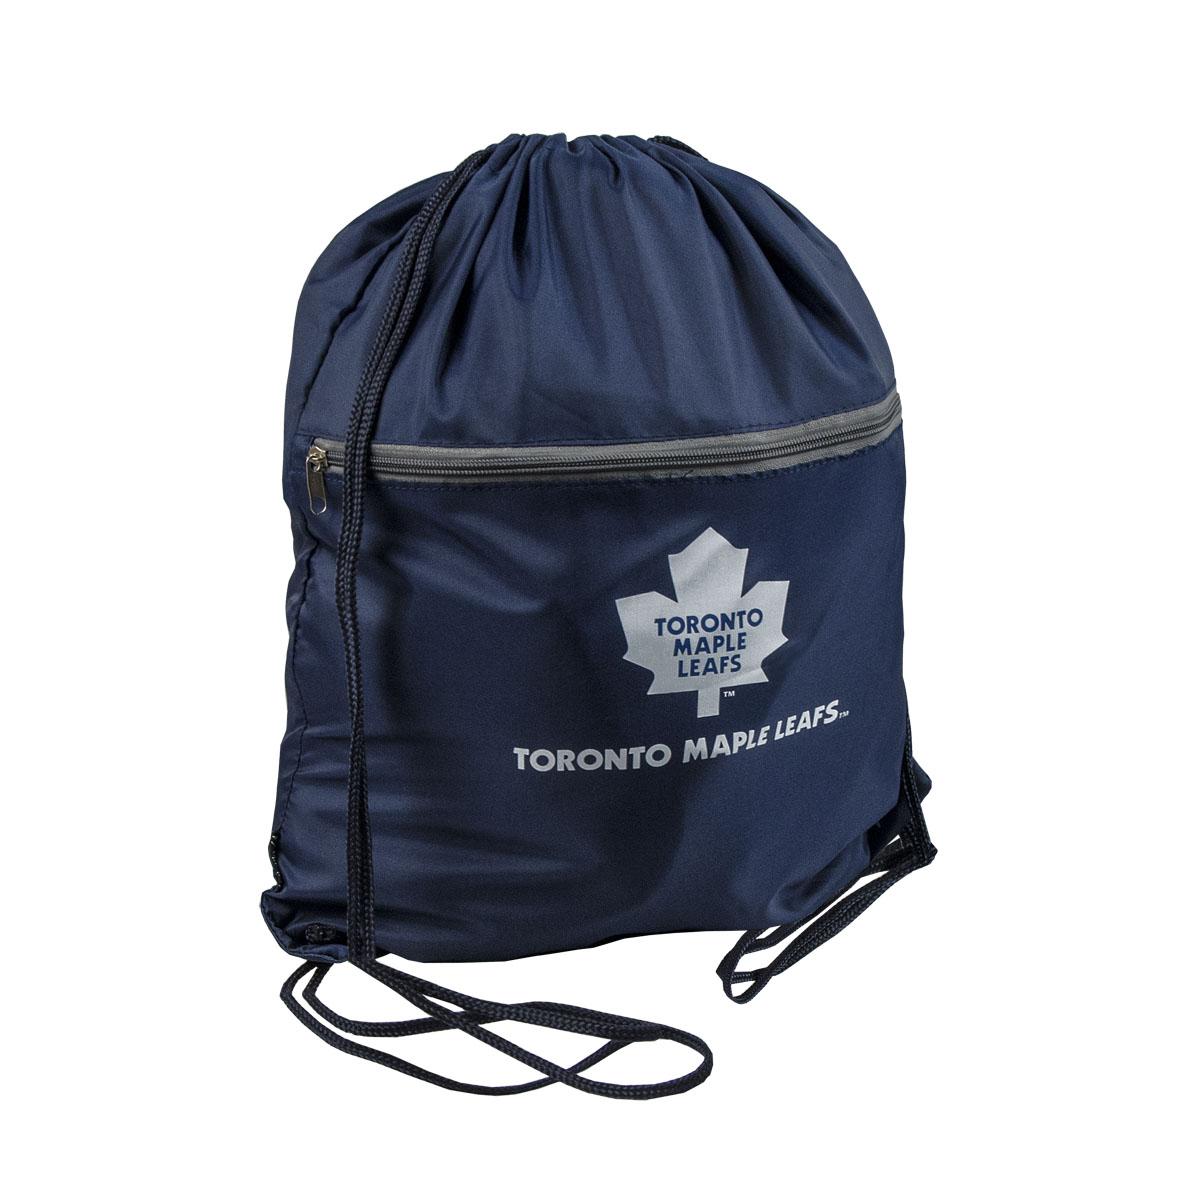 """Мешок на шнурке NHL """"Maple Leafs"""" выполнен из 100% полиэстера. Он выполняет функции рюкзака, благодаря плечевым лямкам, которые надежно фиксируют изделие у его верхнего основания. Мешок имеет 2 отделения, одно из которых закрывается на молнию. Украшен эмблемой хоккейной команды Maple Leafs."""